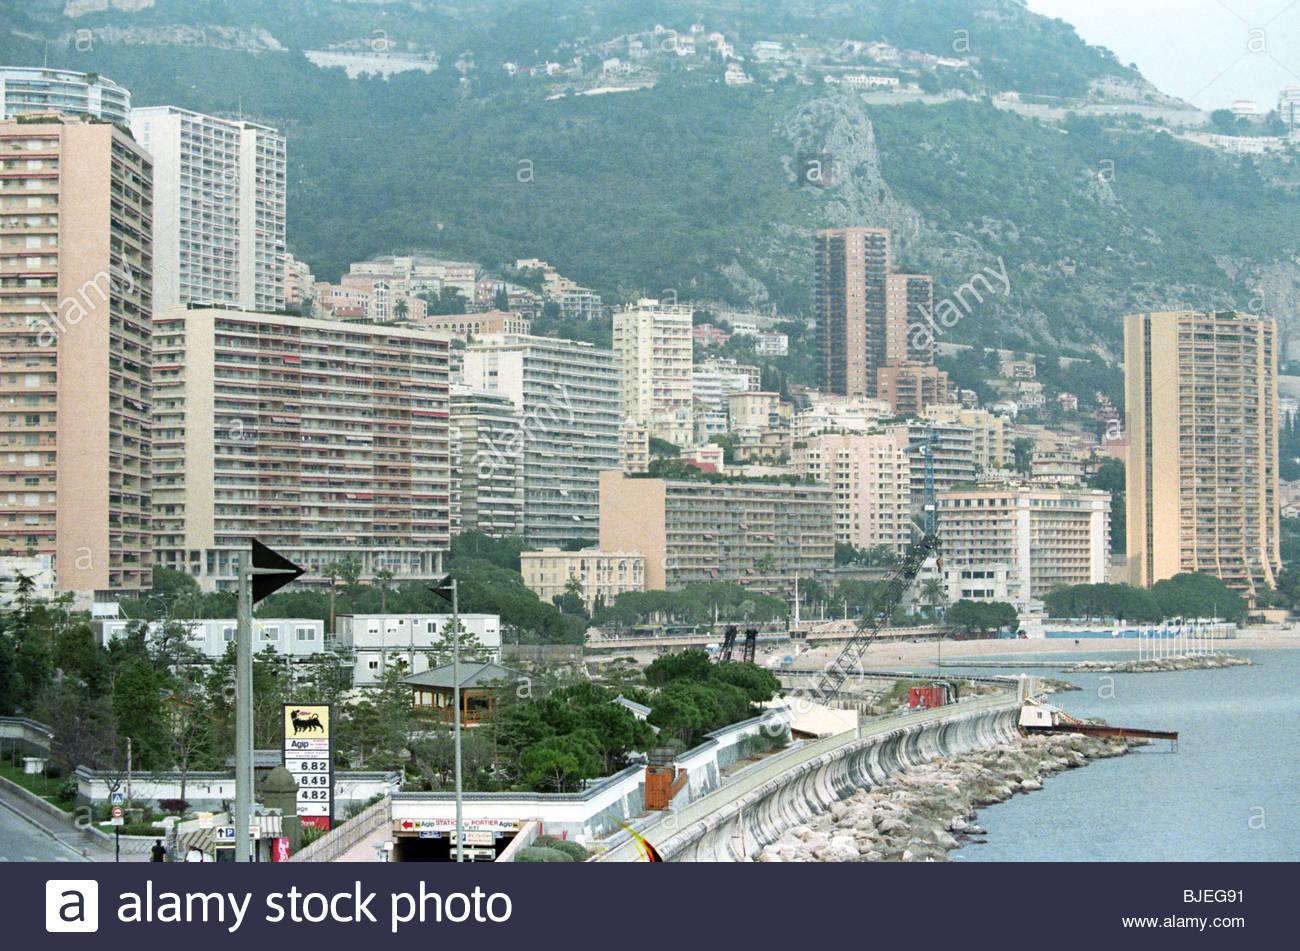 Februar 1997 Monaco. Stockbild